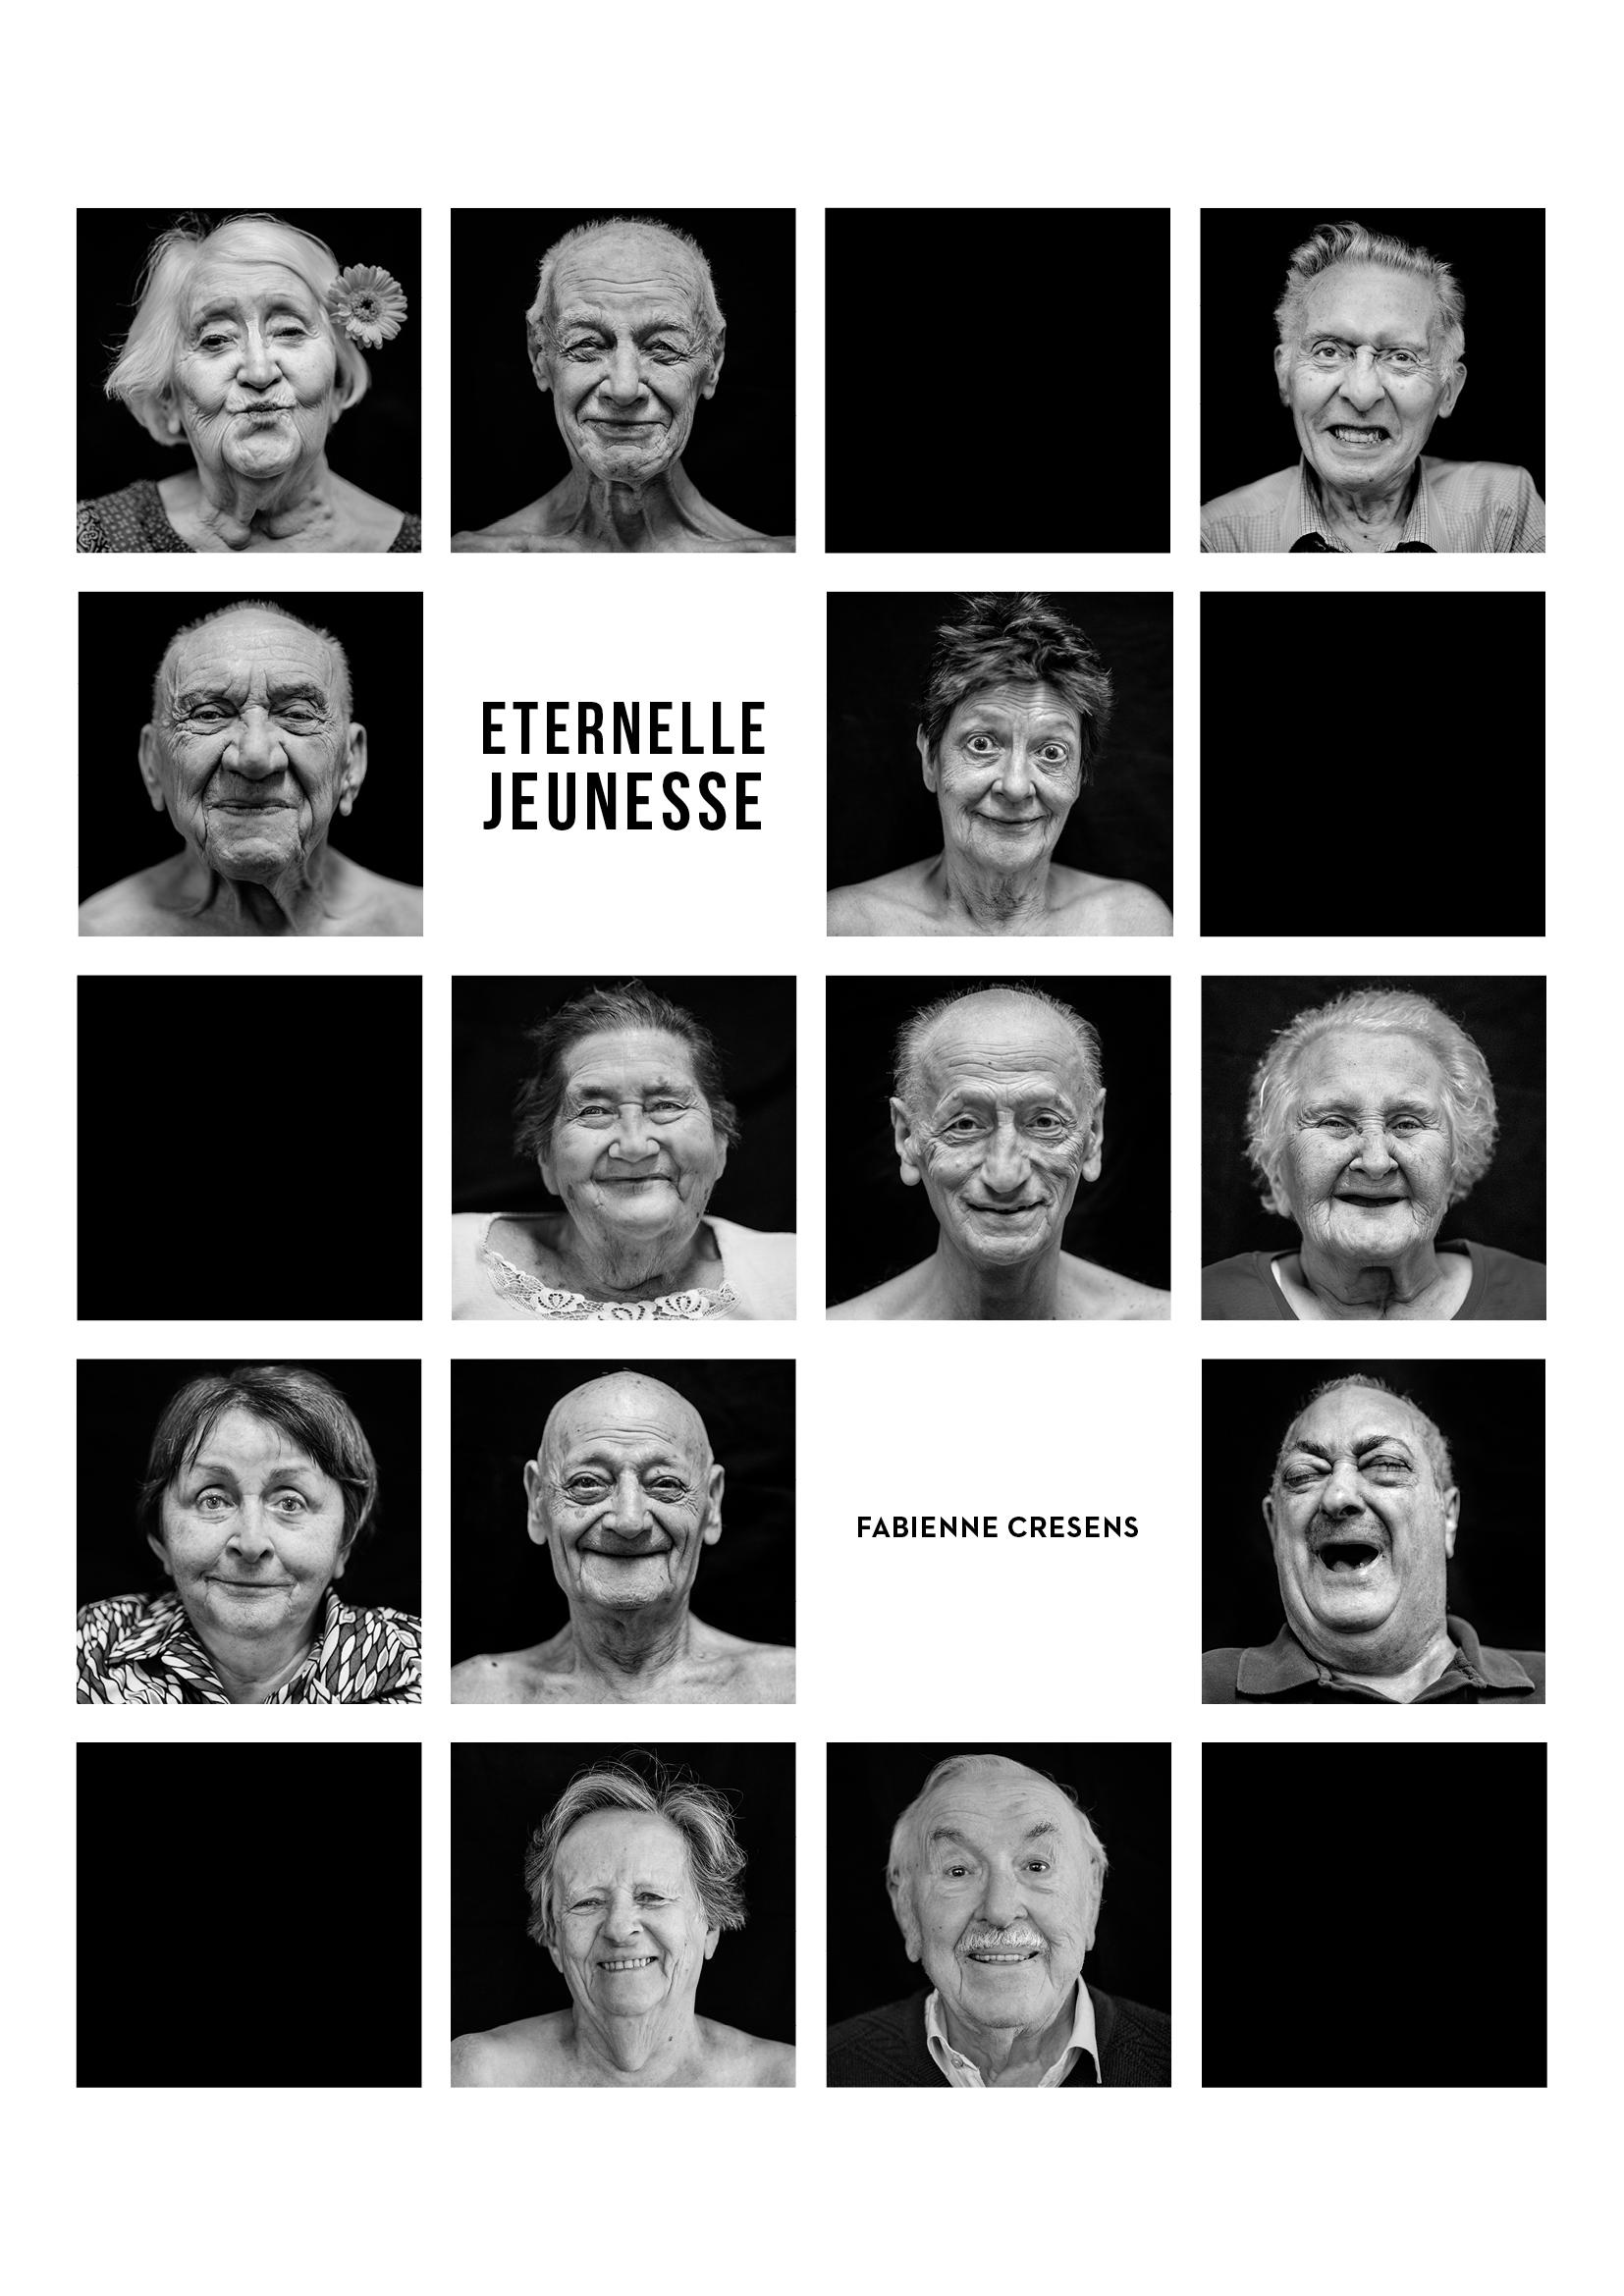 FC-Eternelle Jeunesse-A4_2